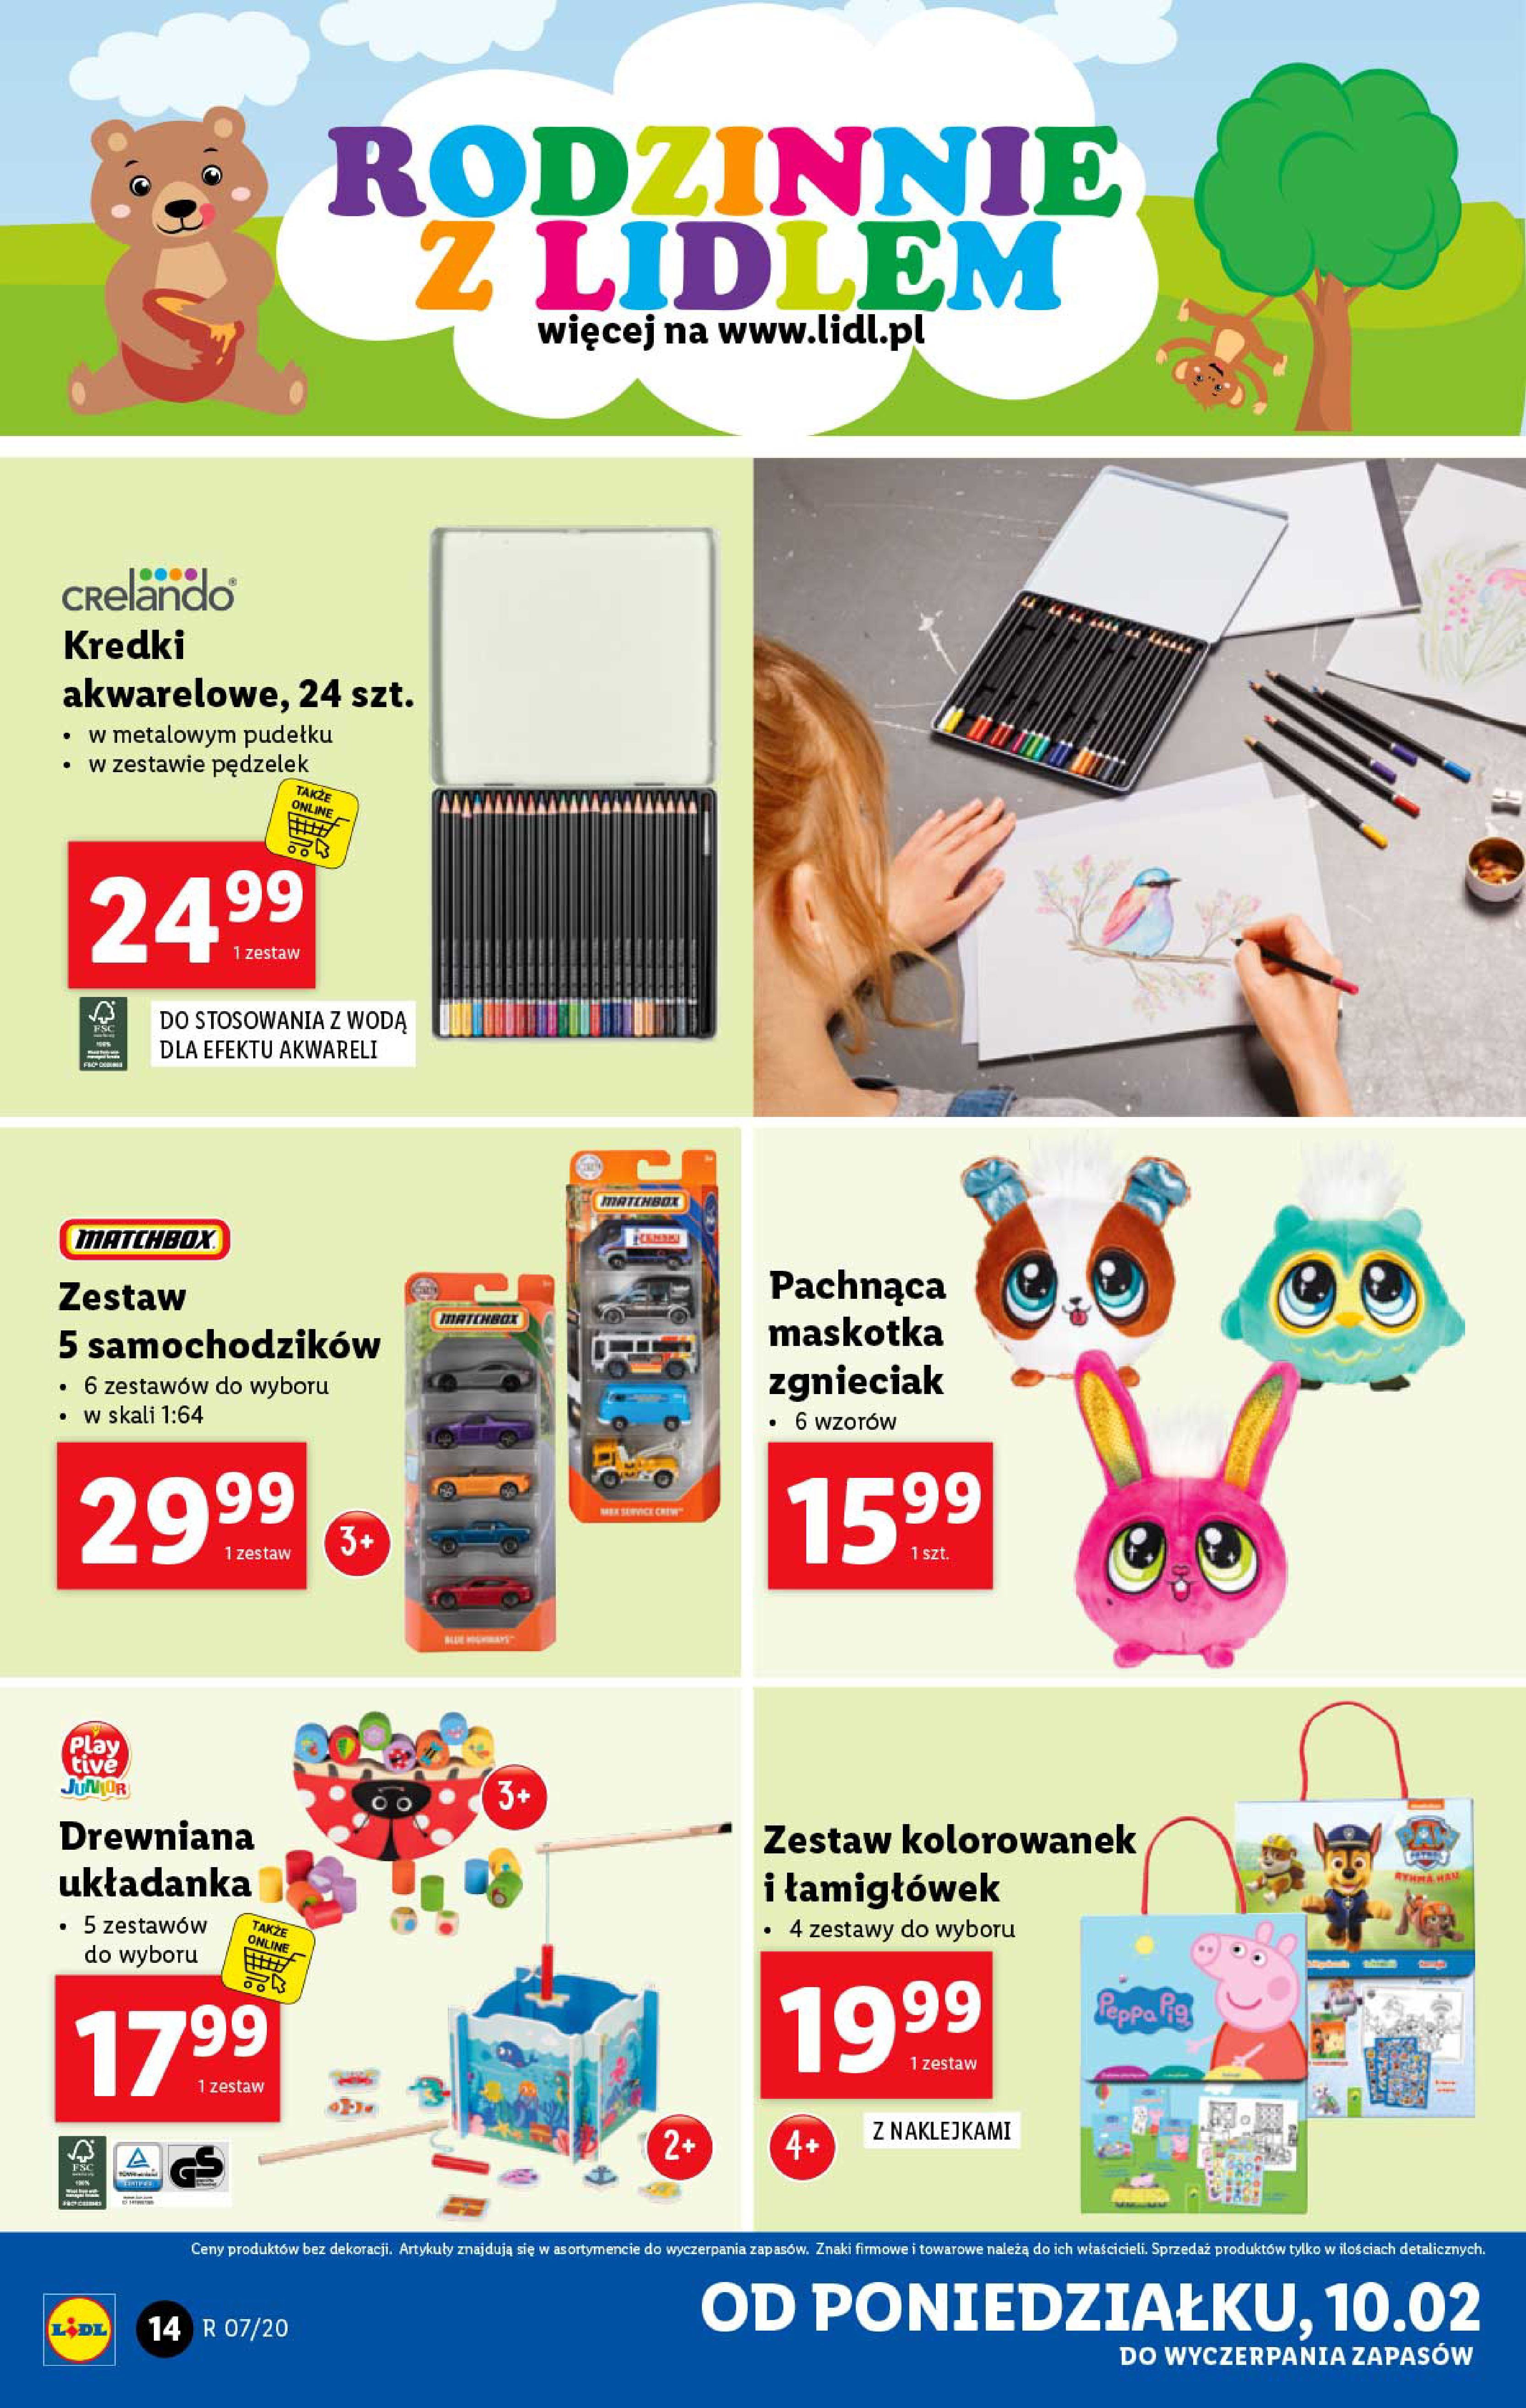 Gazetka Lidl - Katalog od poniedziałku-09.02.2020-15.02.2020-page-14